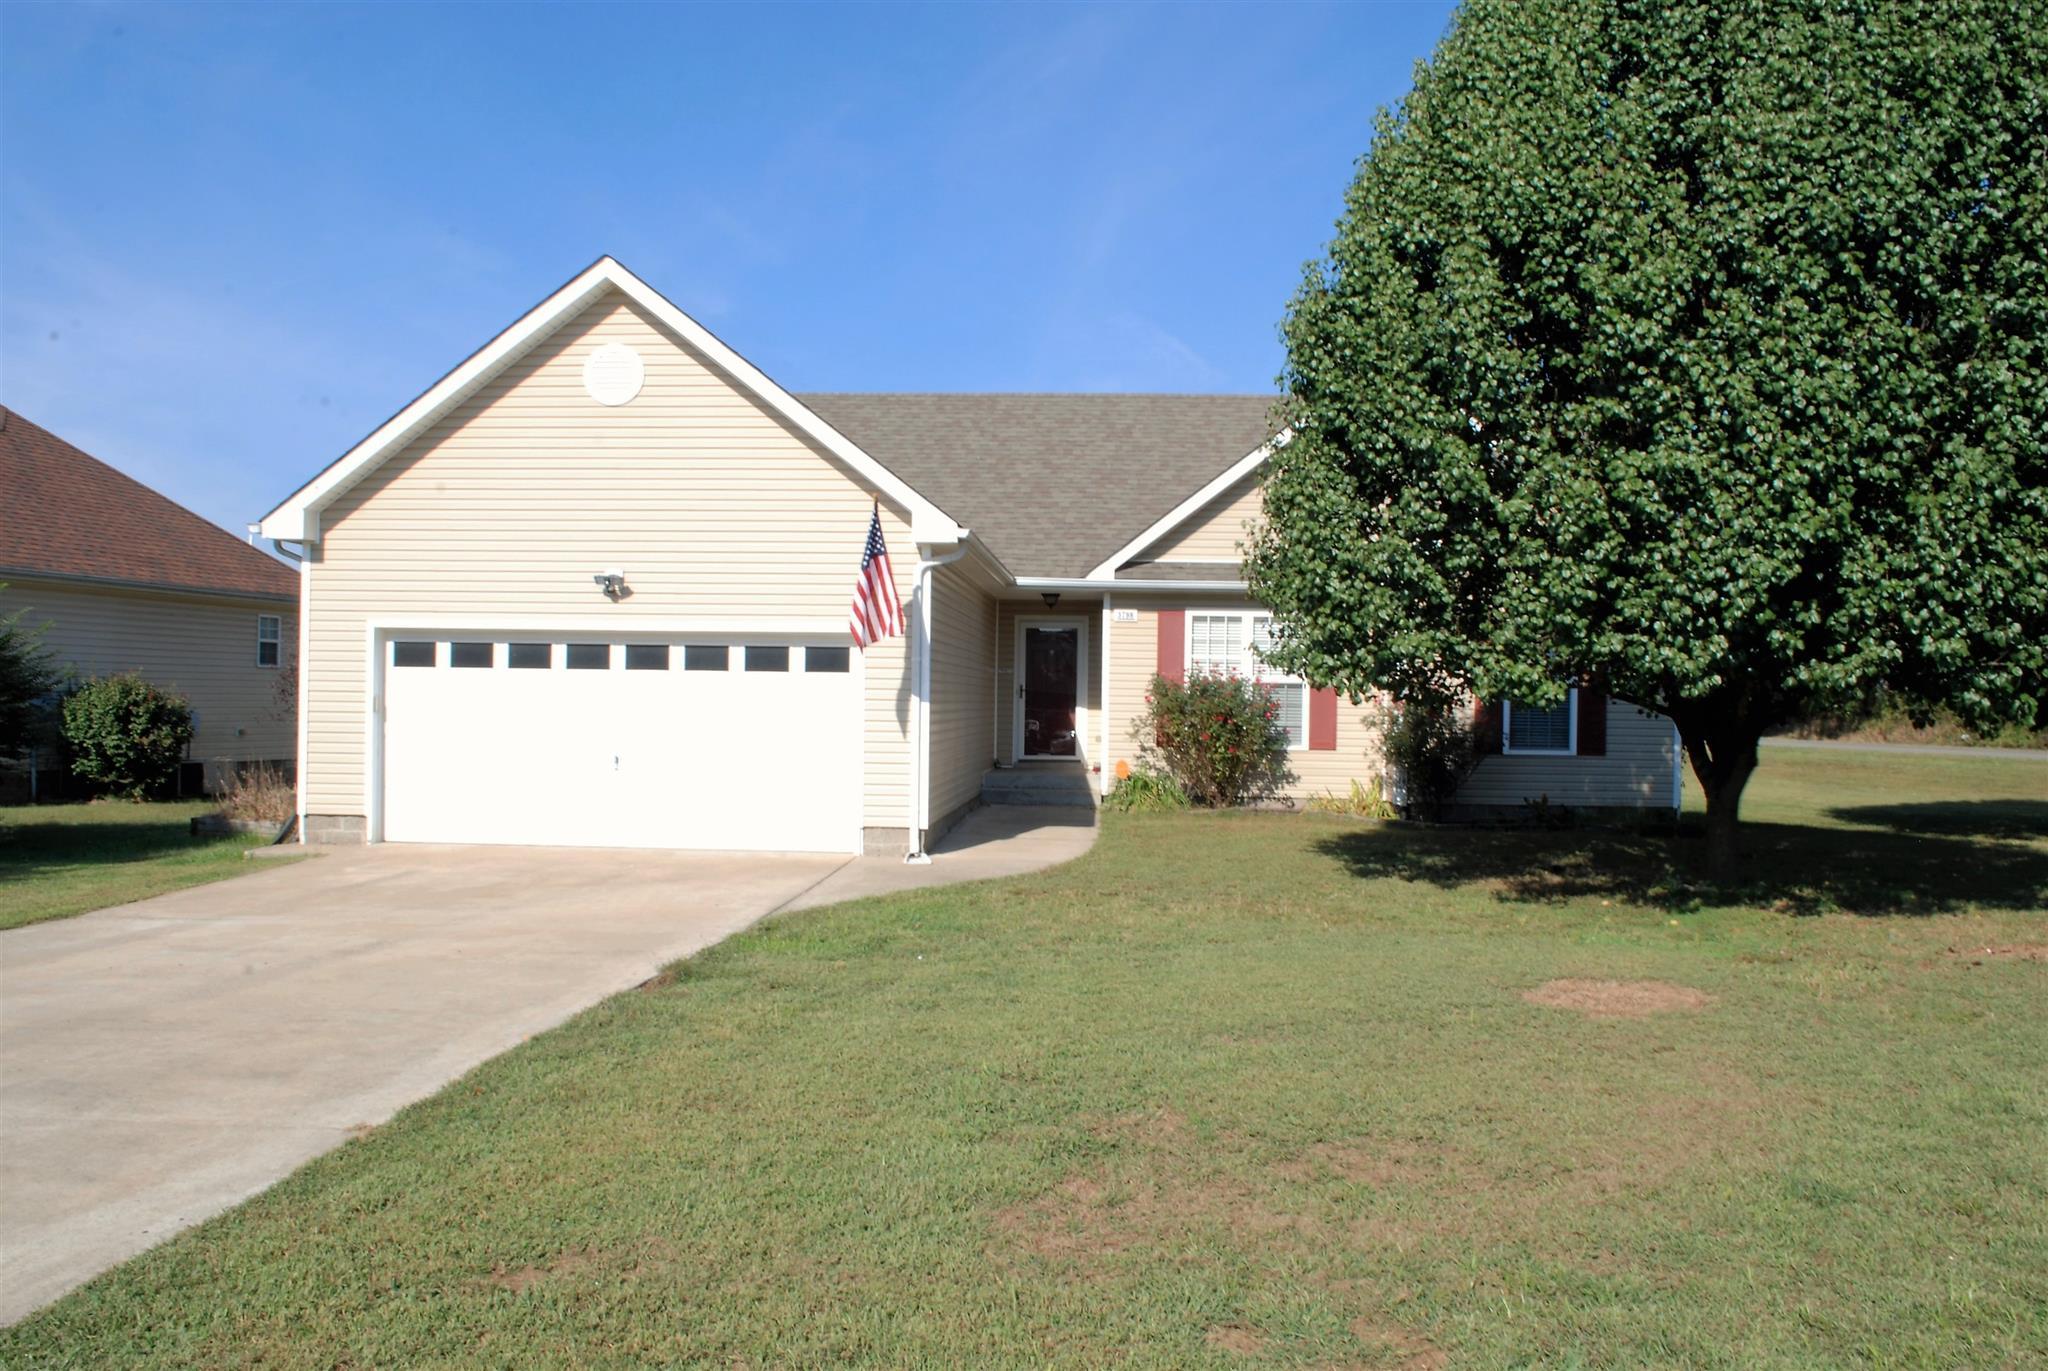 3798 Bret Dr, Clarksville, TN 37040